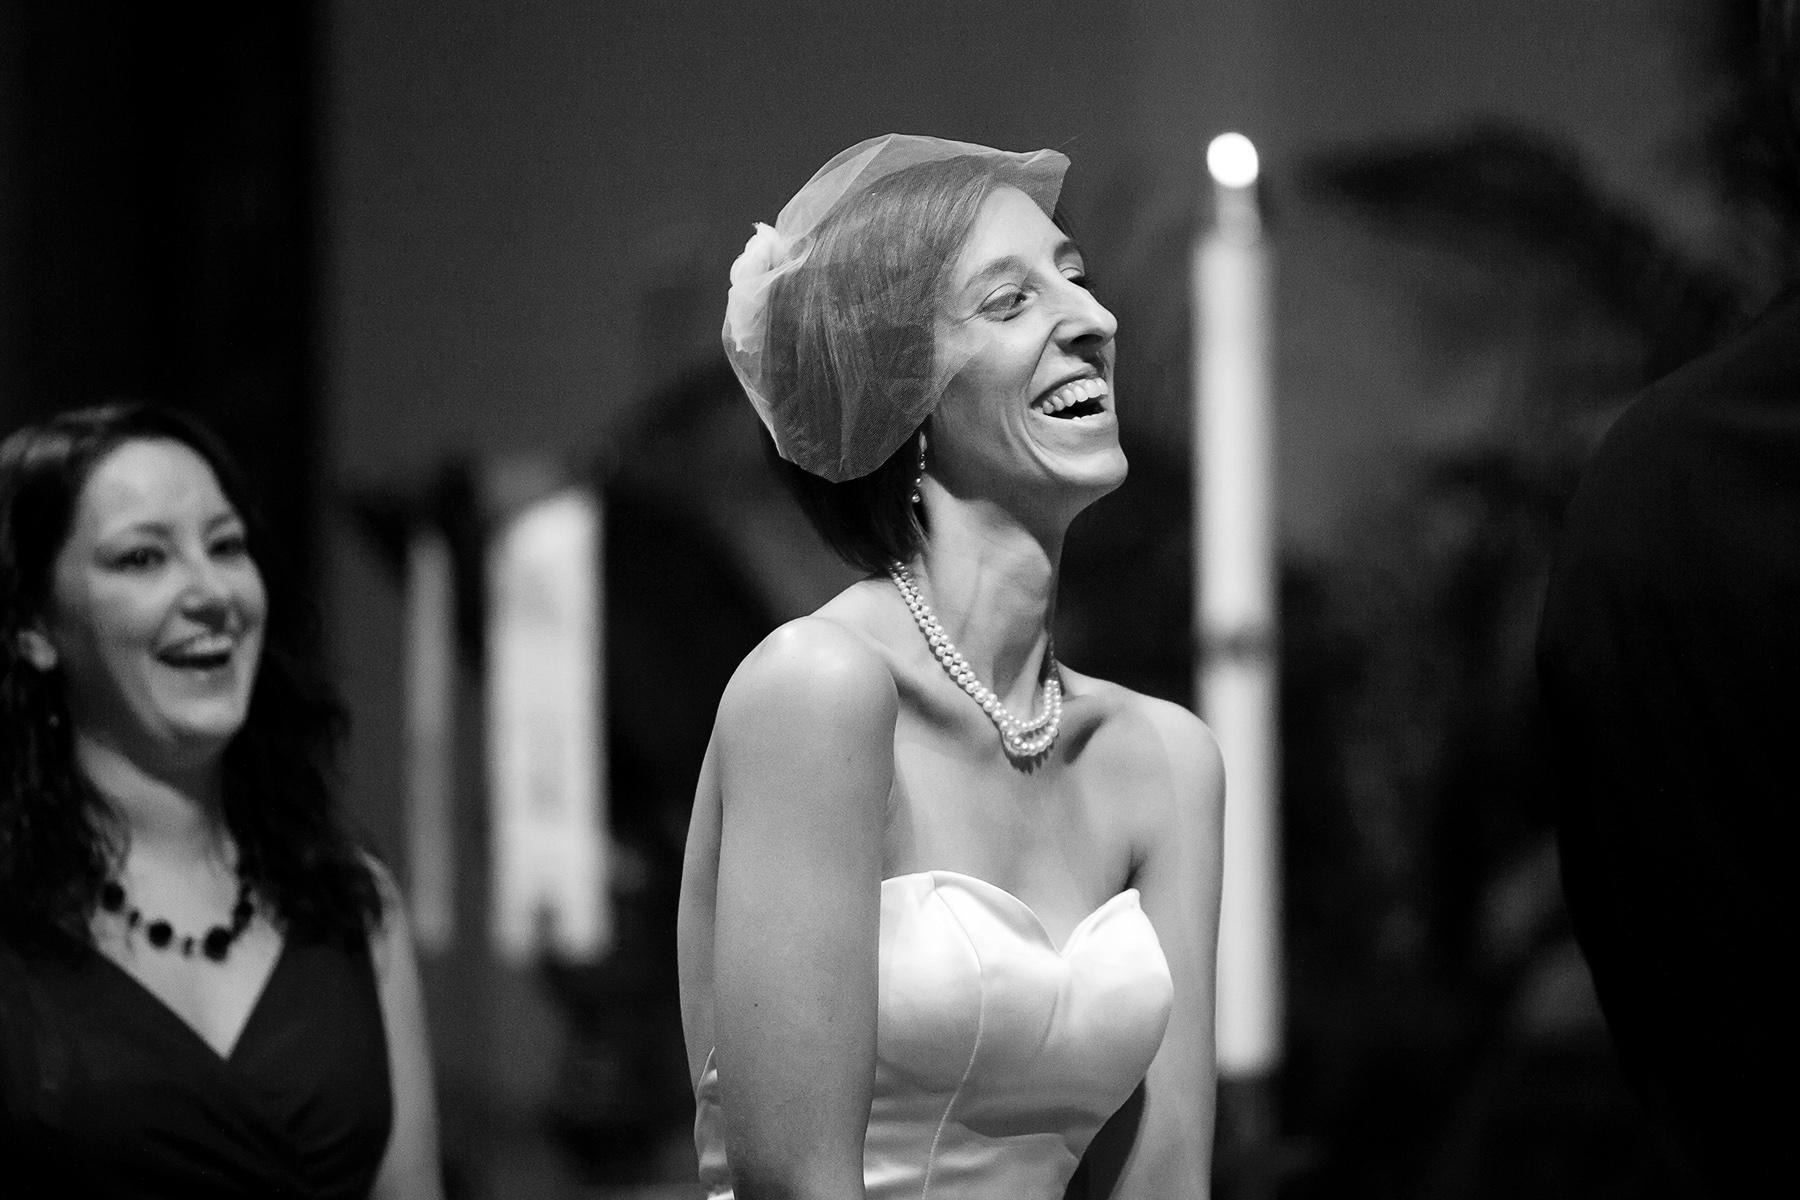 Grace UMC Church Wedding Pics - 458 Ponce de Leon Ave | De bruid lacht tijdens de ceremonie